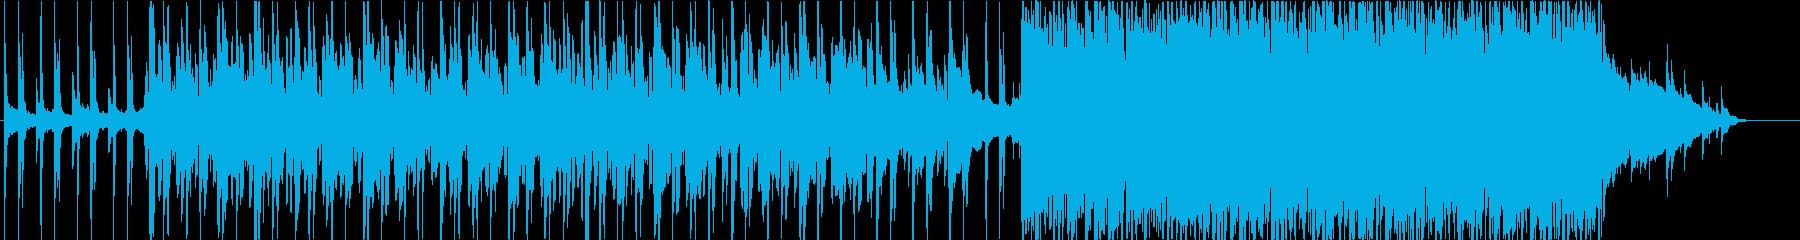 さわやか系_CMや動画のBGMなどの再生済みの波形